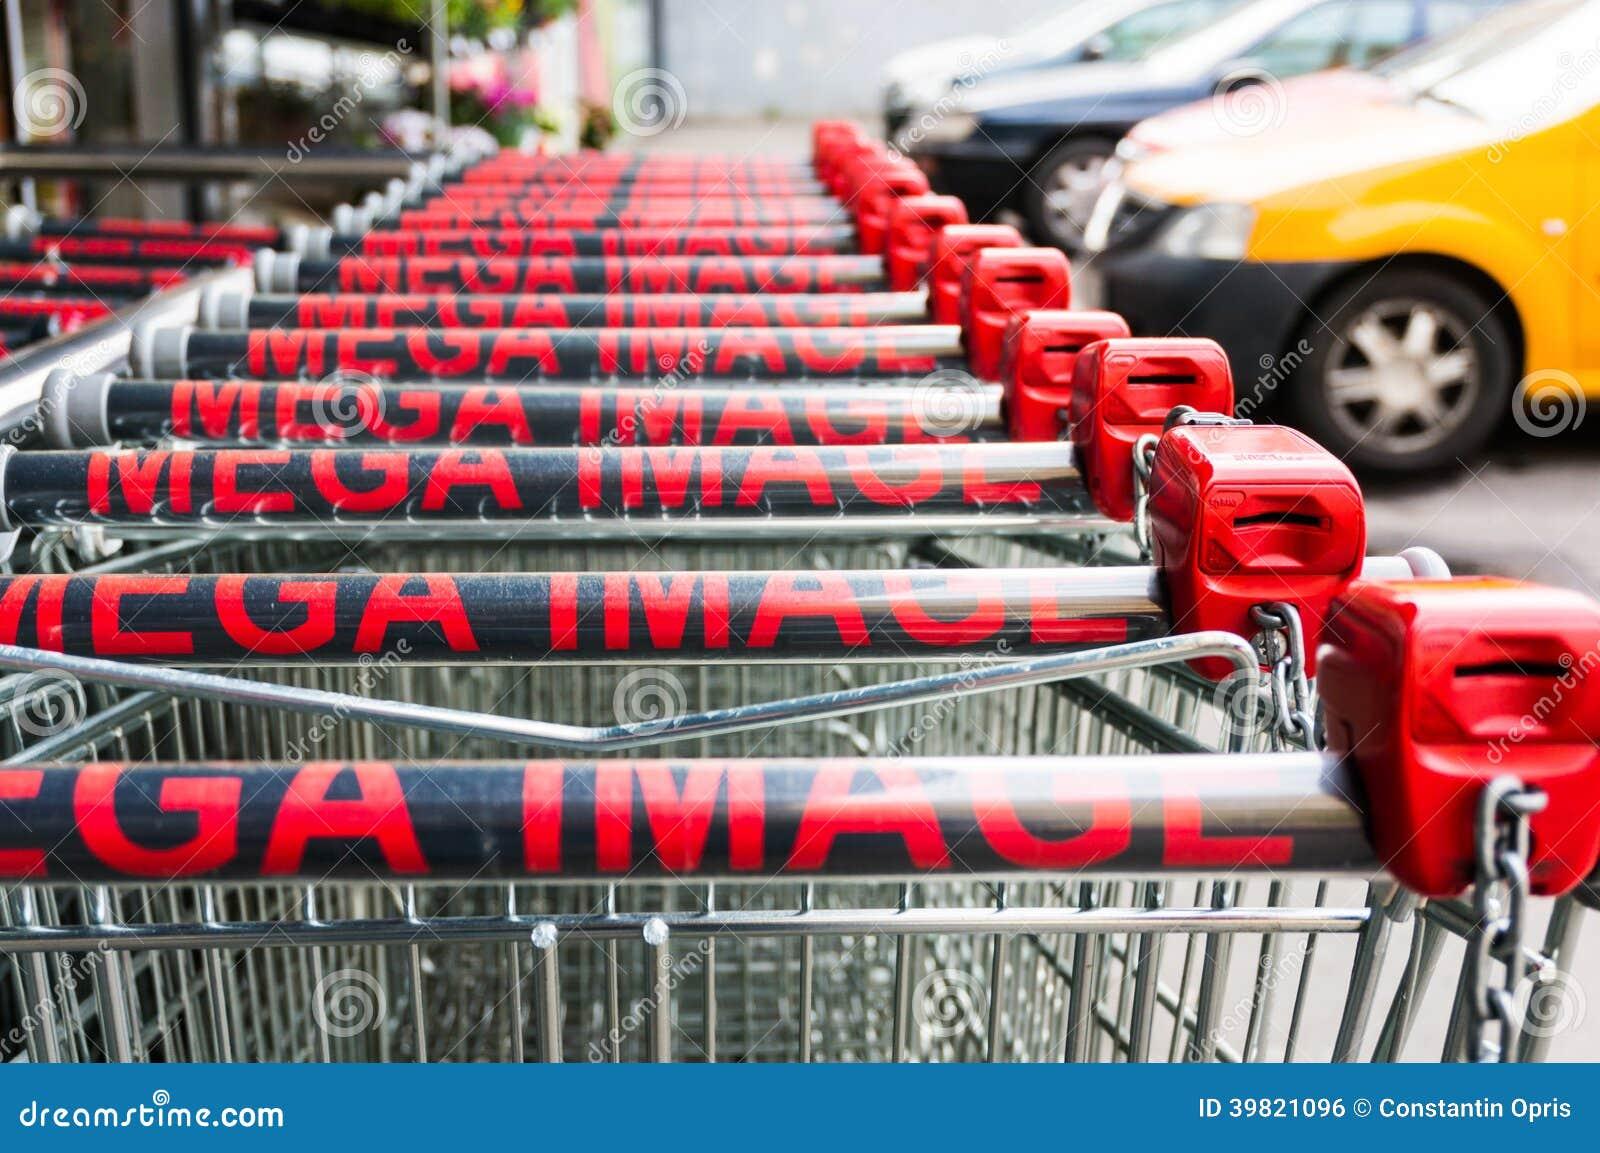 Download Mega image shopping carts editorial photo. Image of shop - 39821096